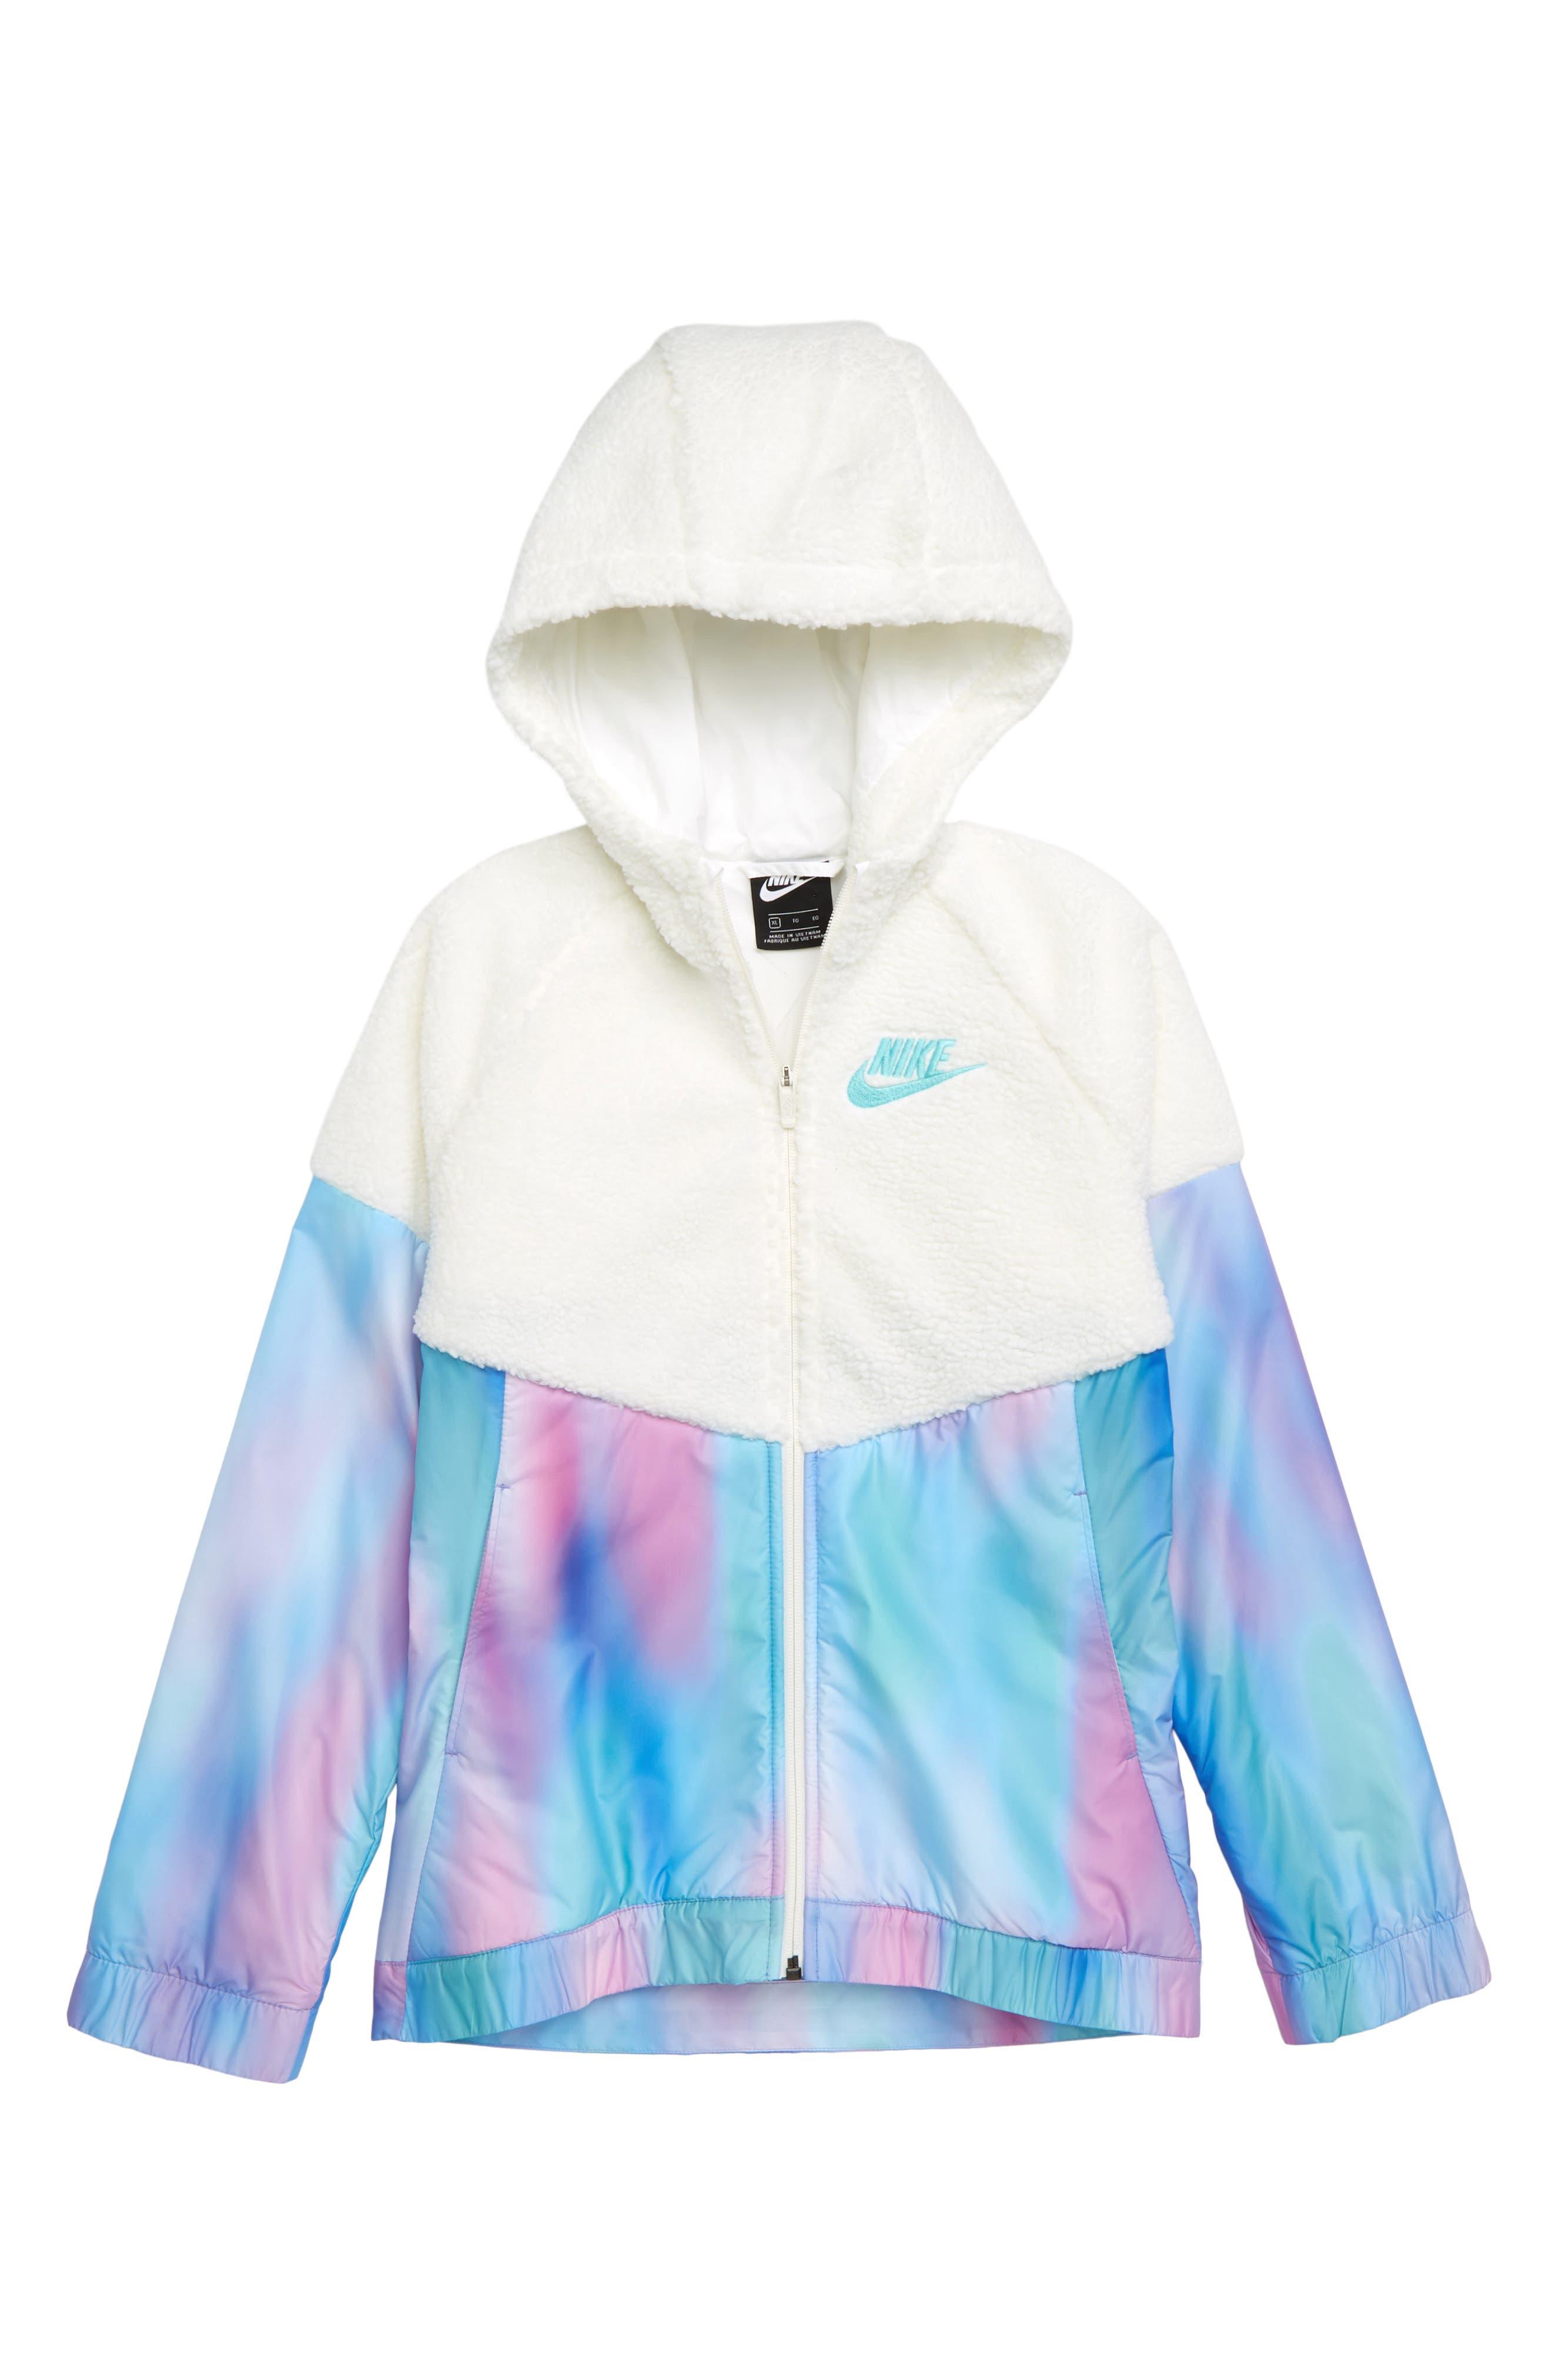 Windrunner Hooded Jacket,                         Main,                         color, WHITE/ LIGHT AQUA